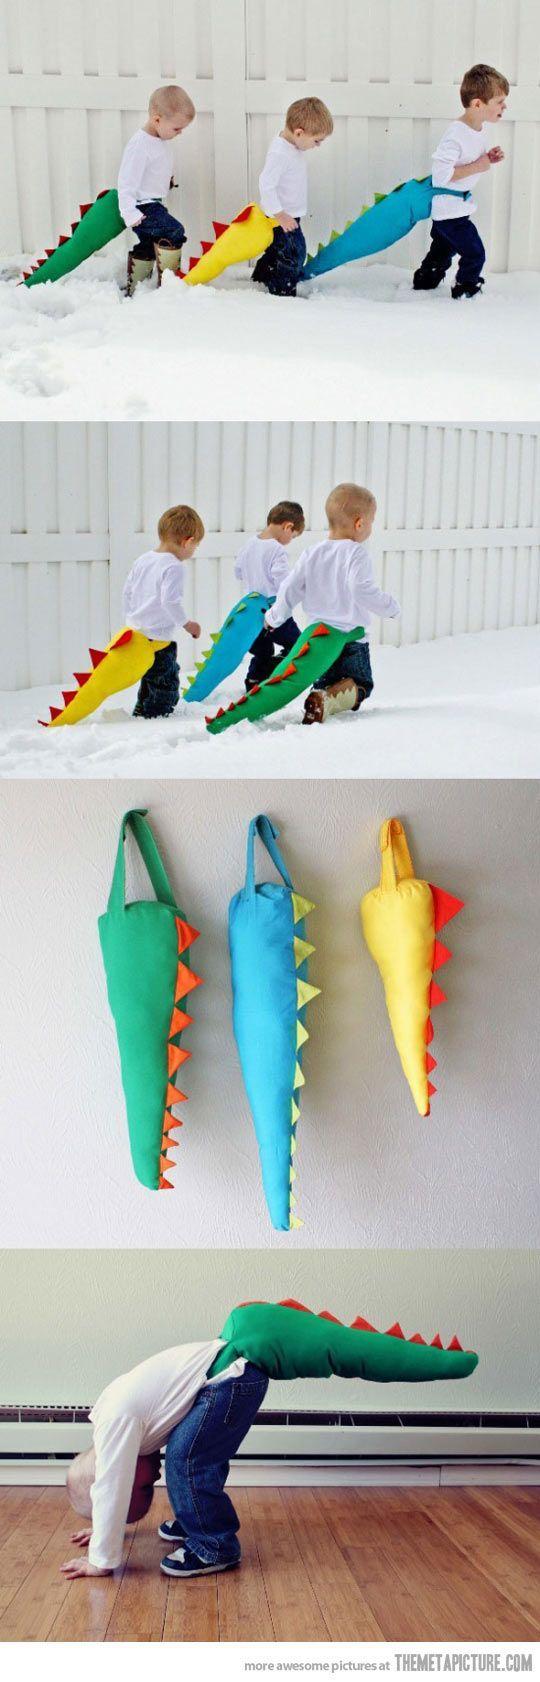 funny-kids-playing-dinosaurs-tails il est temps que j'ai des kids pour leur fabriquer des conneries like this!